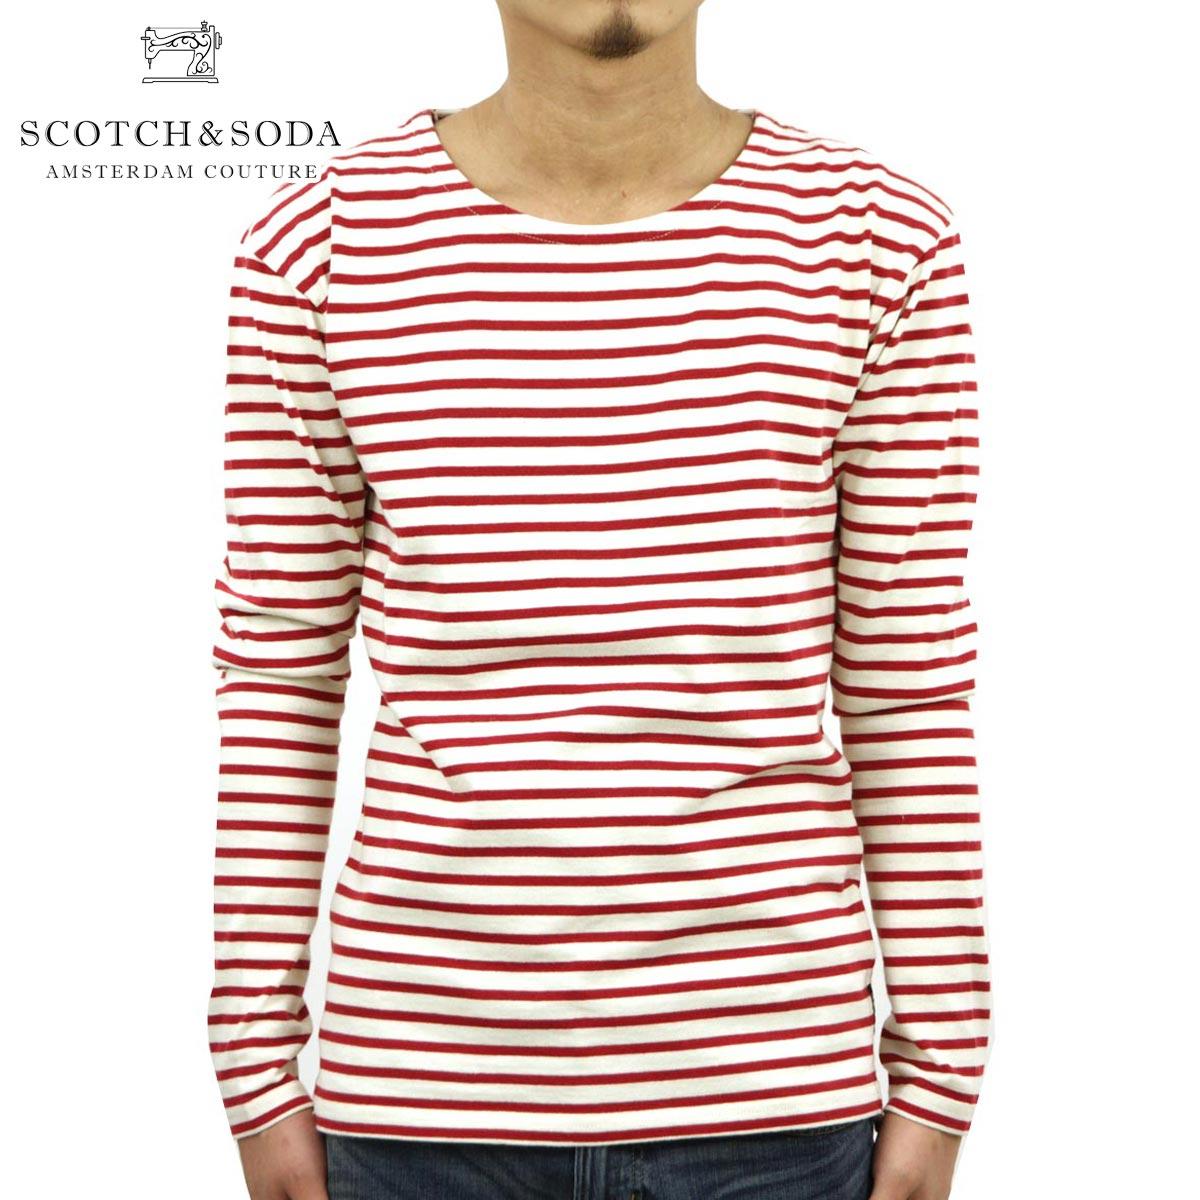 スコッチアンドソーダ SCOTCH&SODA 正規販売店 メンズ 長袖Tシャツ Worked Out Long Sleeve Breton 100072 A1 D00S20